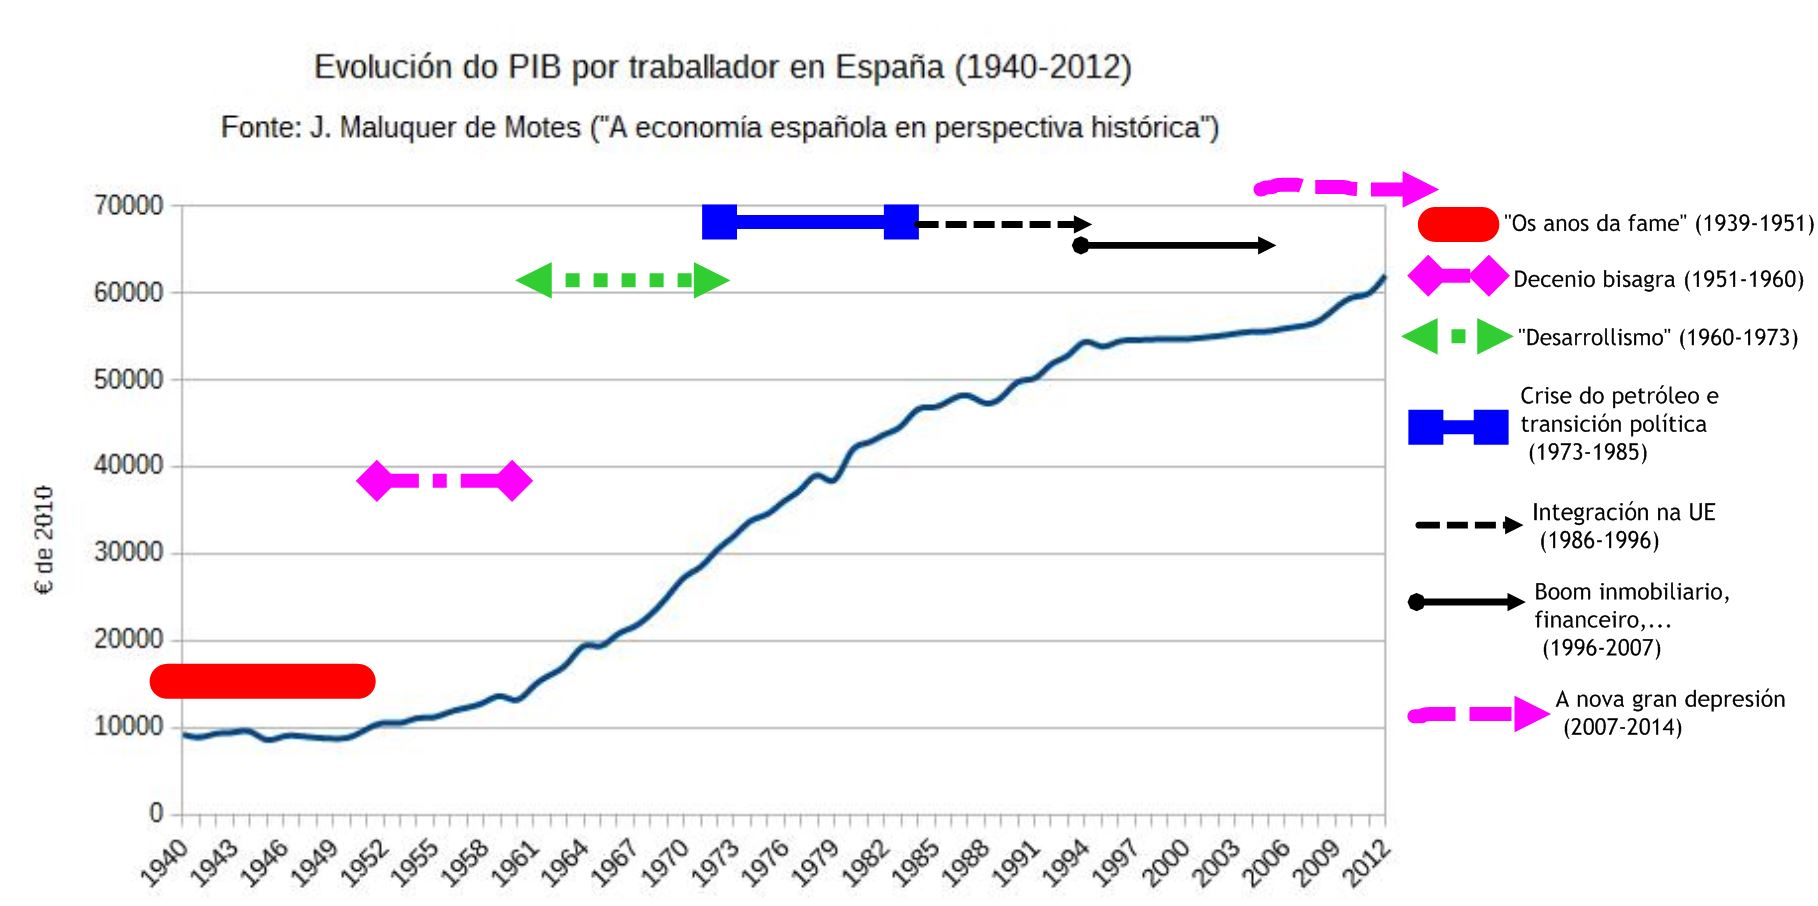 pib_hab_espanha_1940-2012_periodos